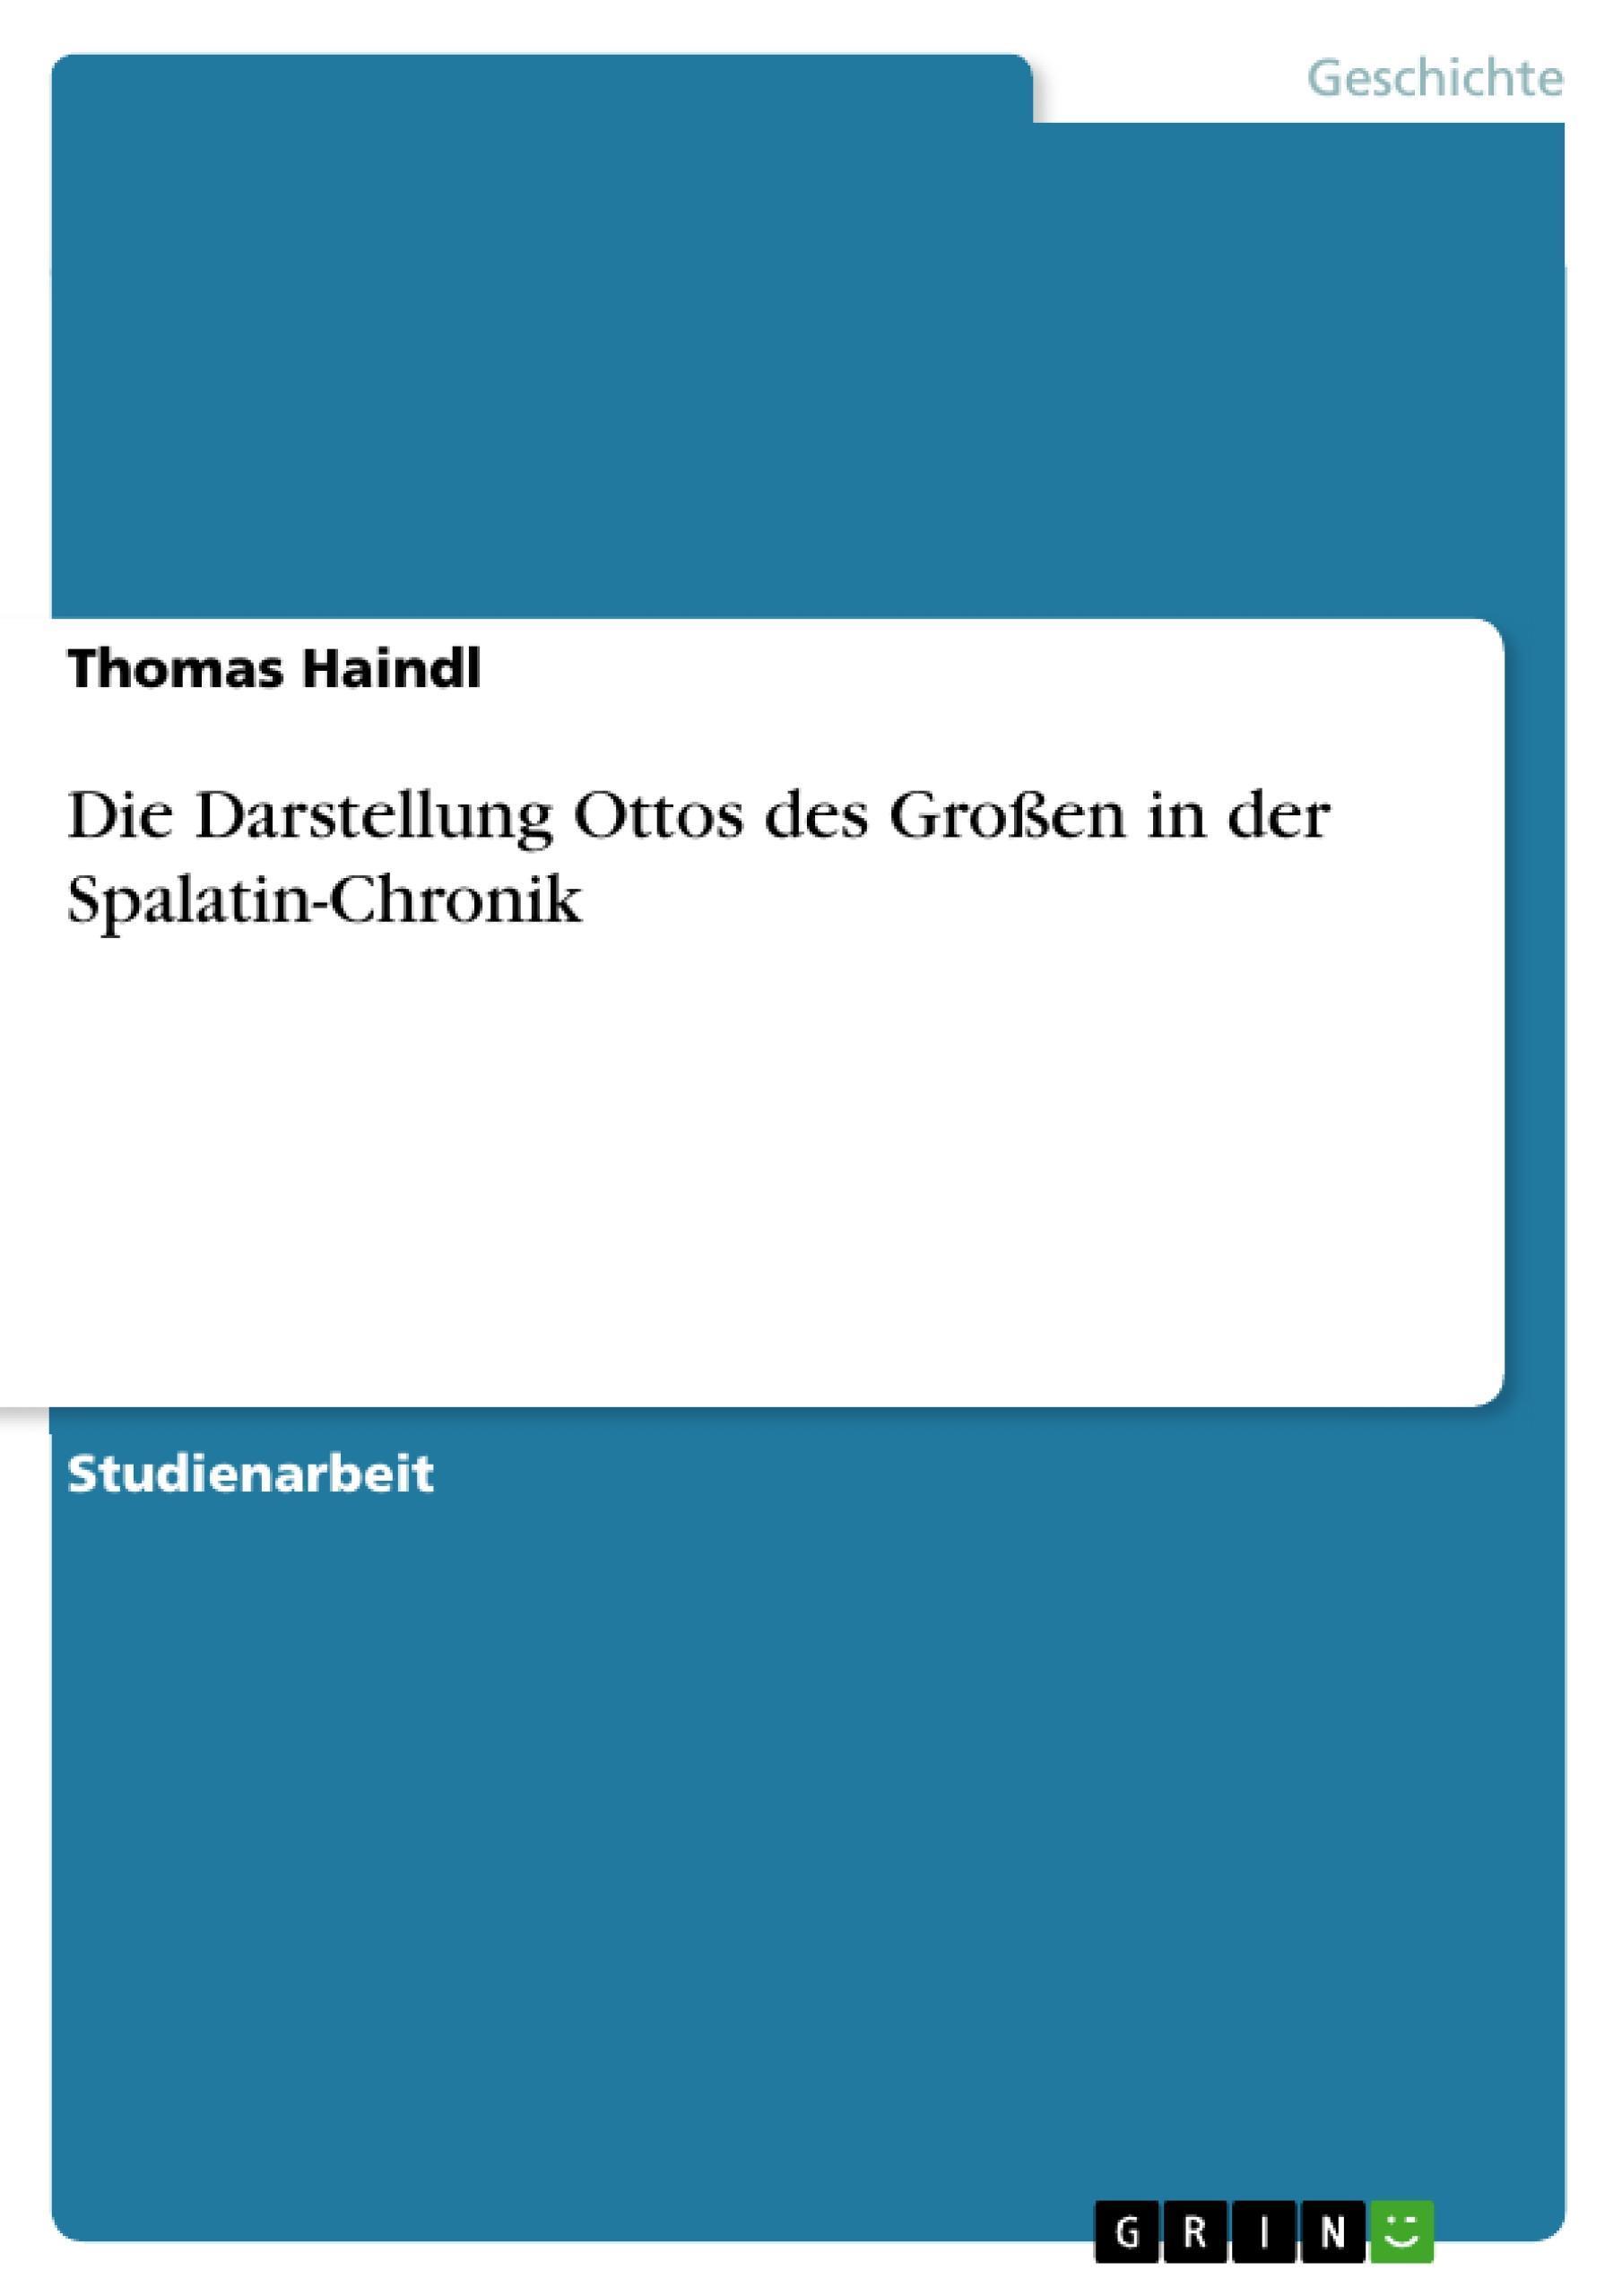 Die Darstellung Ottos des Großen in der Spalatin-Chronik Thomas Haindl